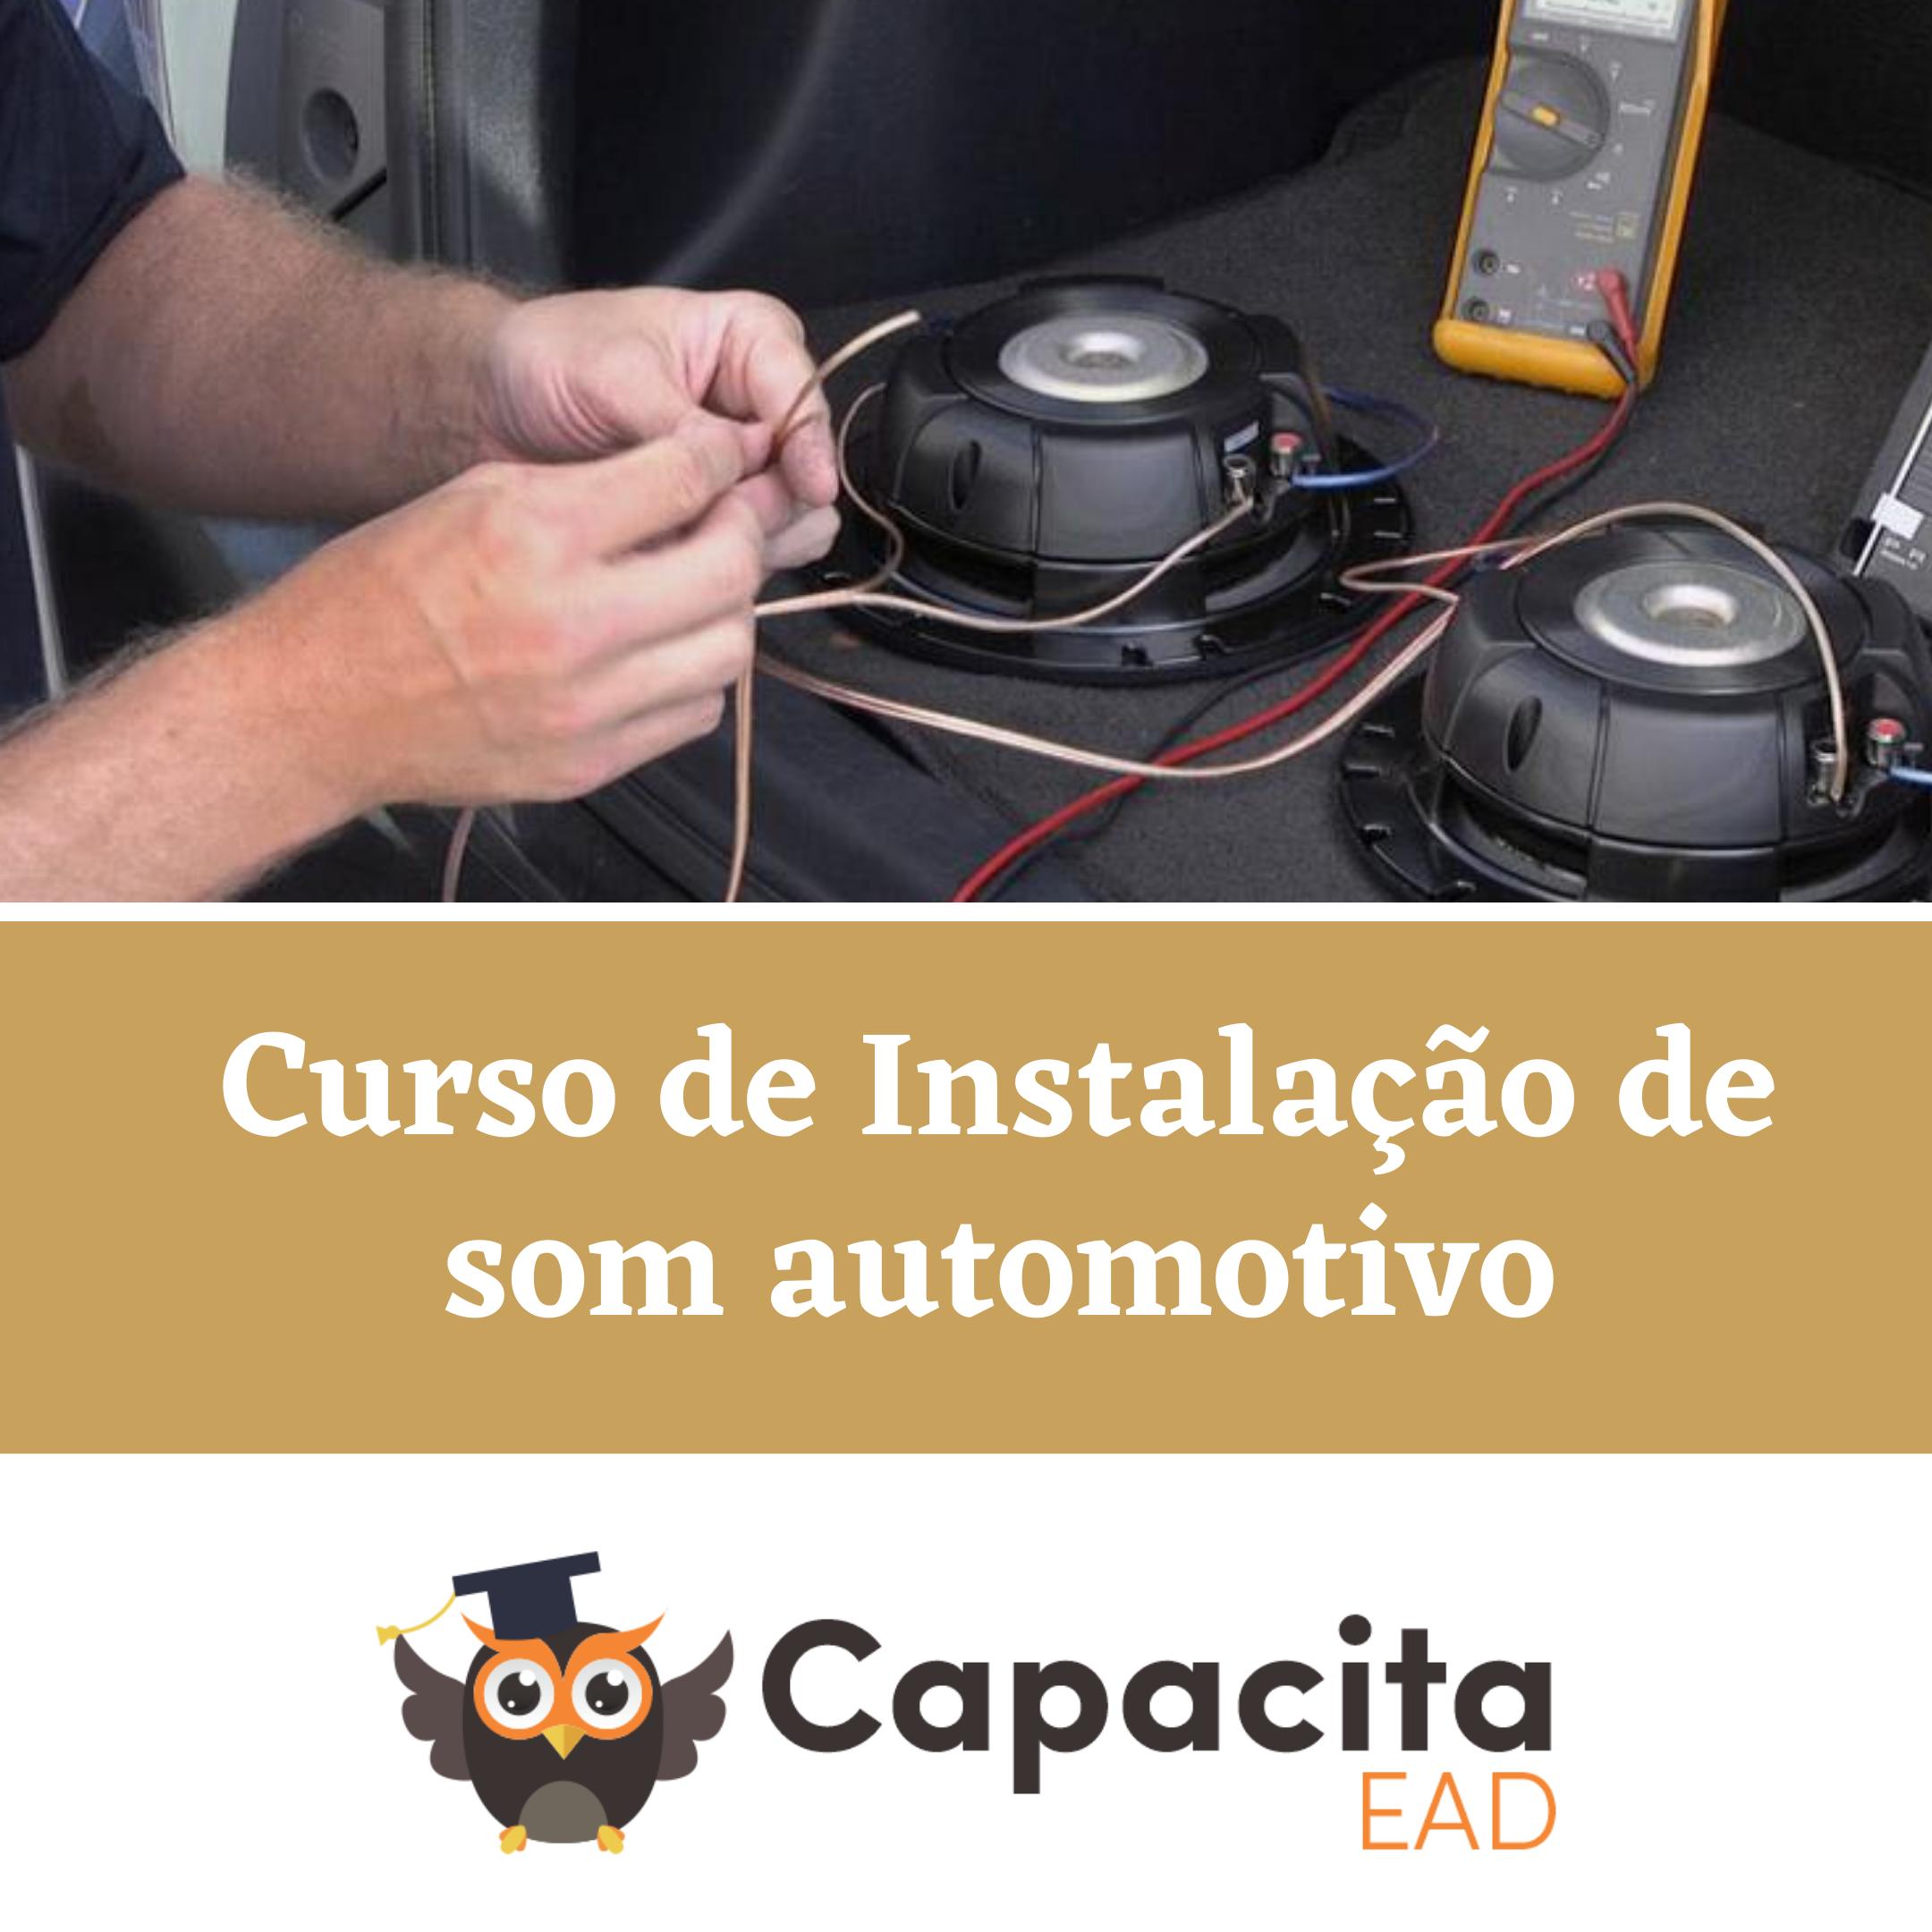 Curso de Instalação de som automotivo